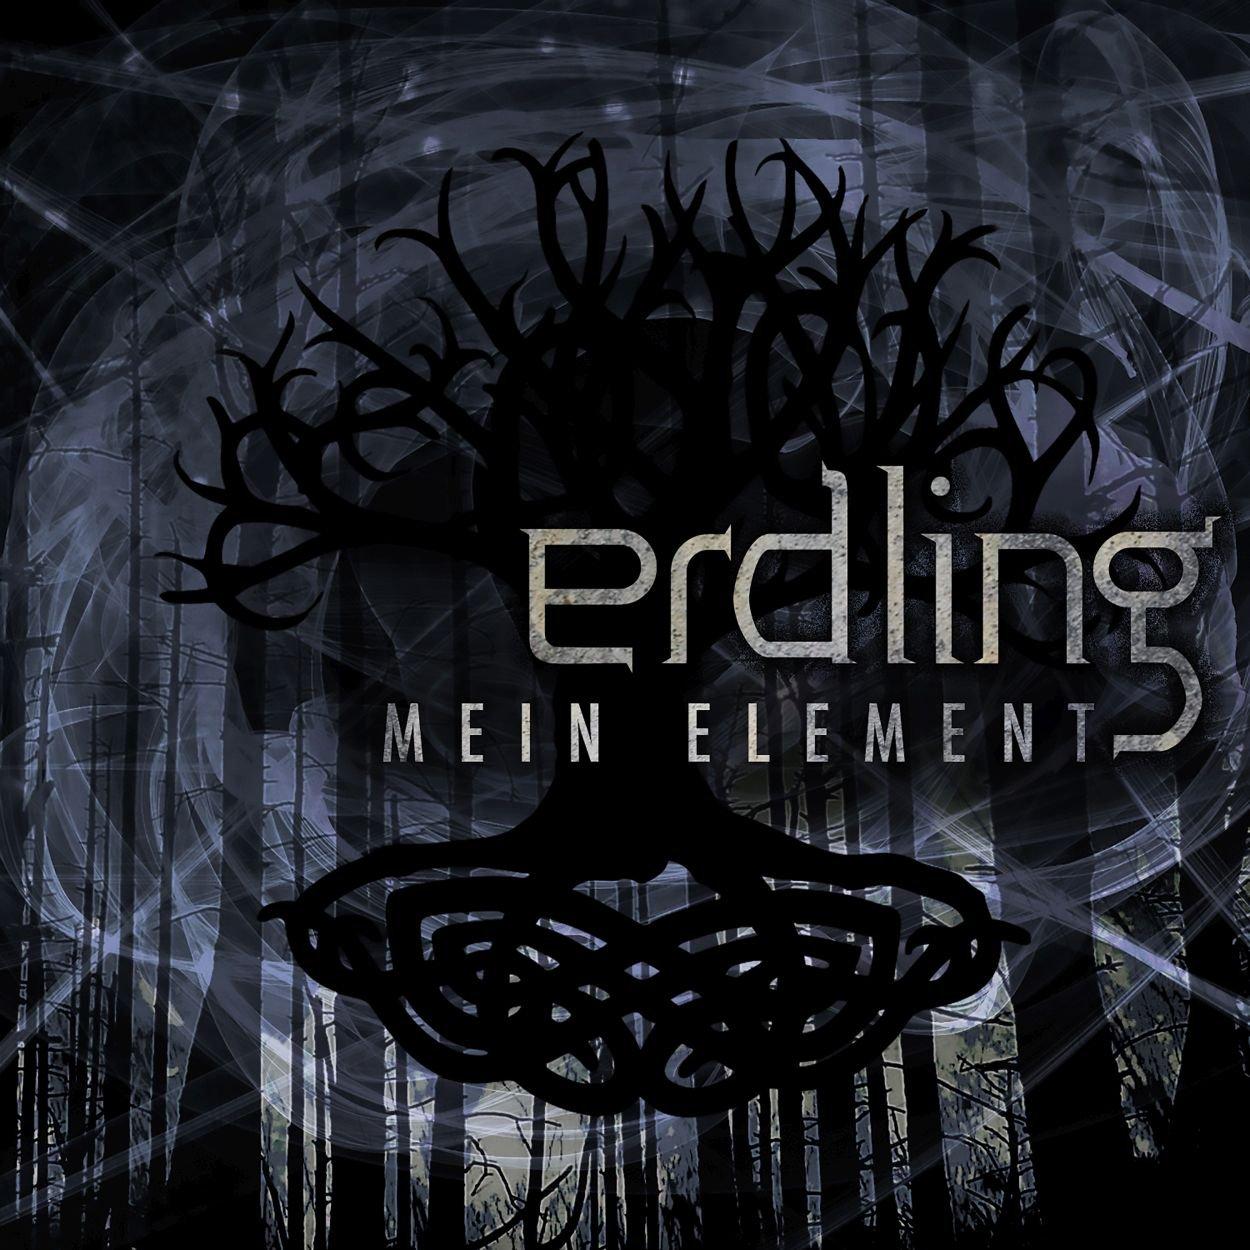 Erdling_MeinElement